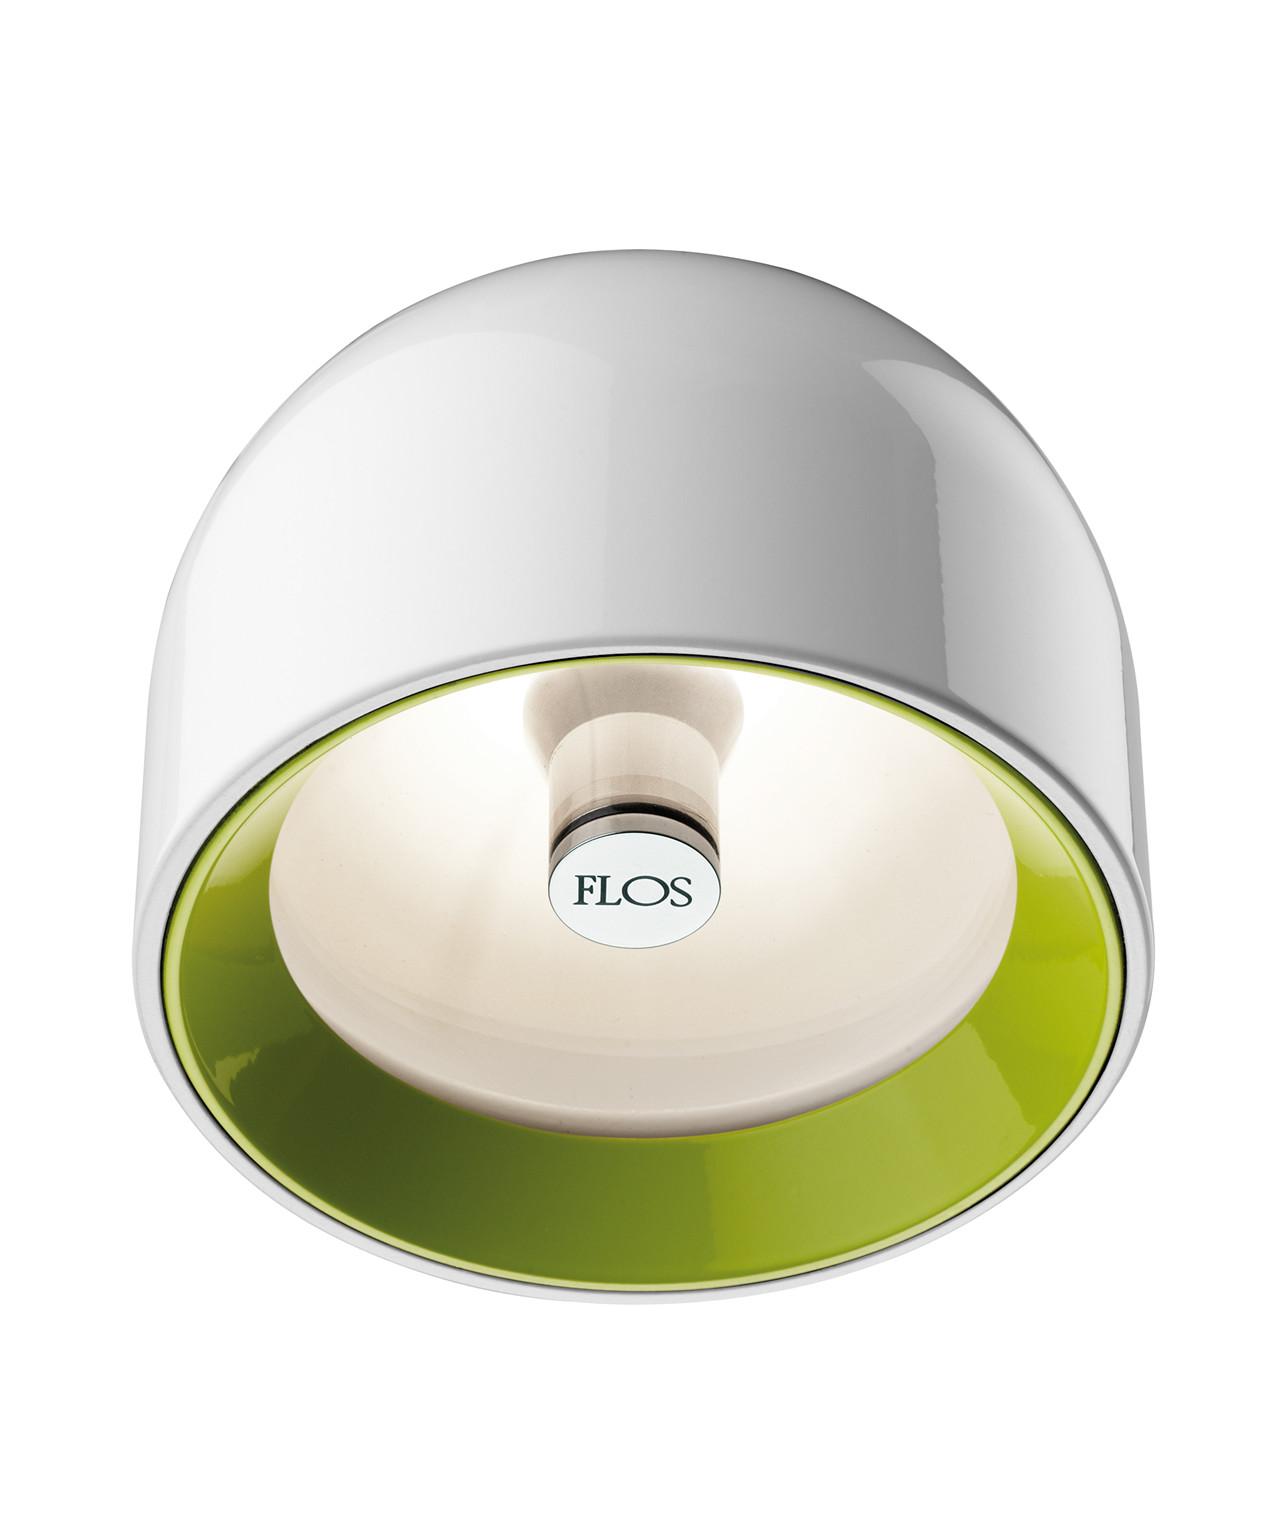 wan taklampe vegglampe hvit flos. Black Bedroom Furniture Sets. Home Design Ideas